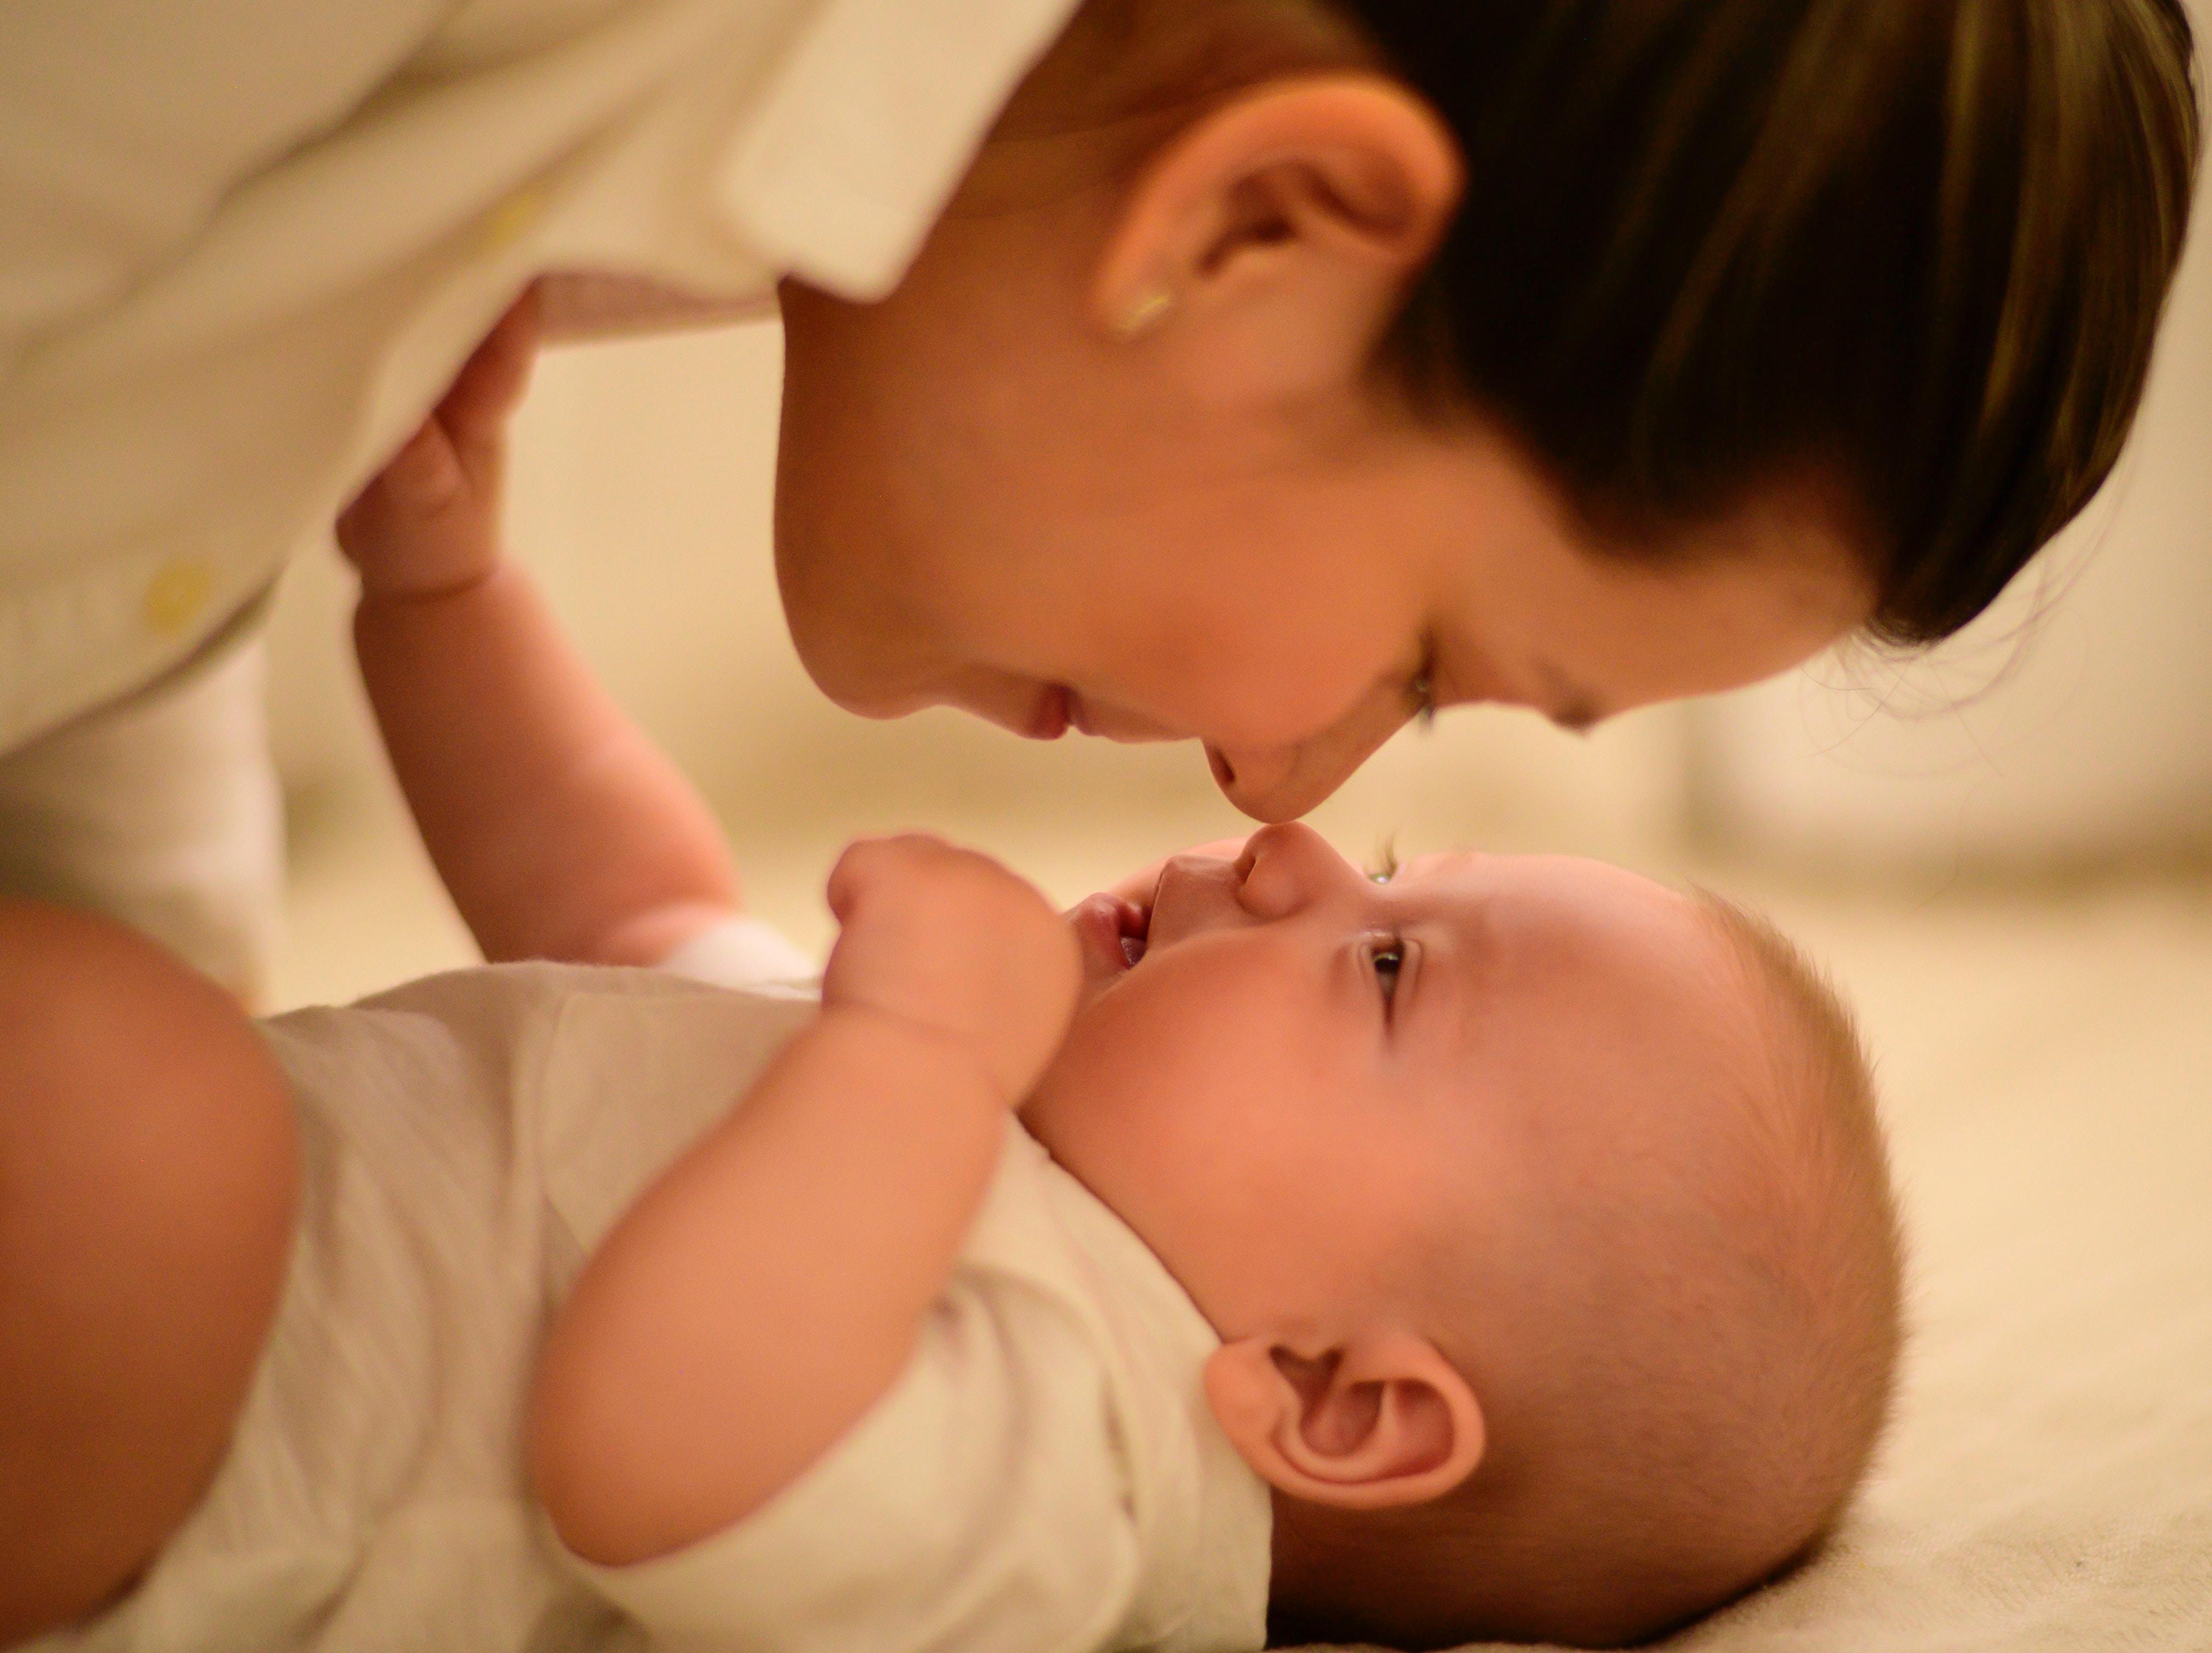 Montesori okruženje prepoznaje četiri različita segmenta okruženja za bebu, a to su prostor za spavanje, prostor za ishranu, prostor za negu i prostor za aktivnost.